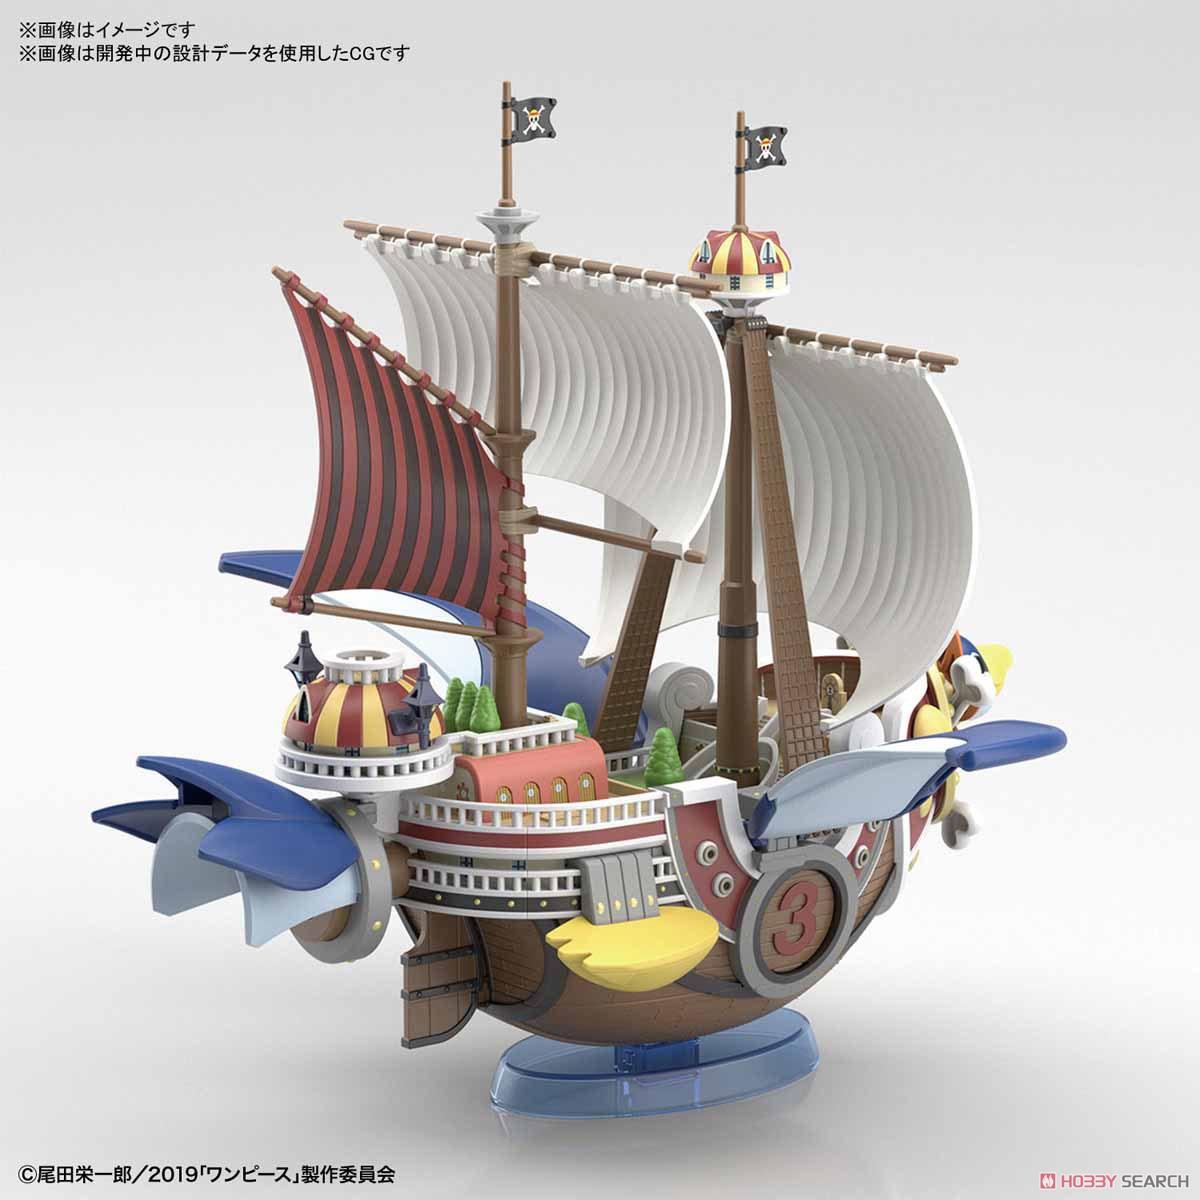 偉大なる船コレクション『サウザンド・サニー号 フライングモデル』ワンピース プラモデル-007